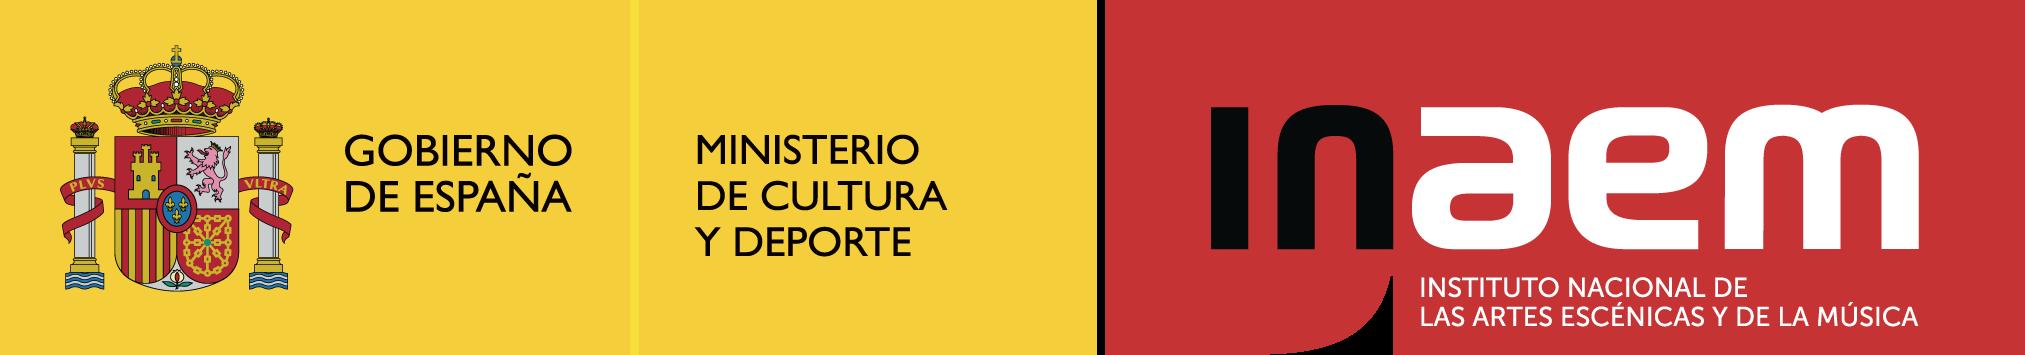 Logo per programes color - Gobierno de España - Ministerio de Cultura y Deporte - Inaem